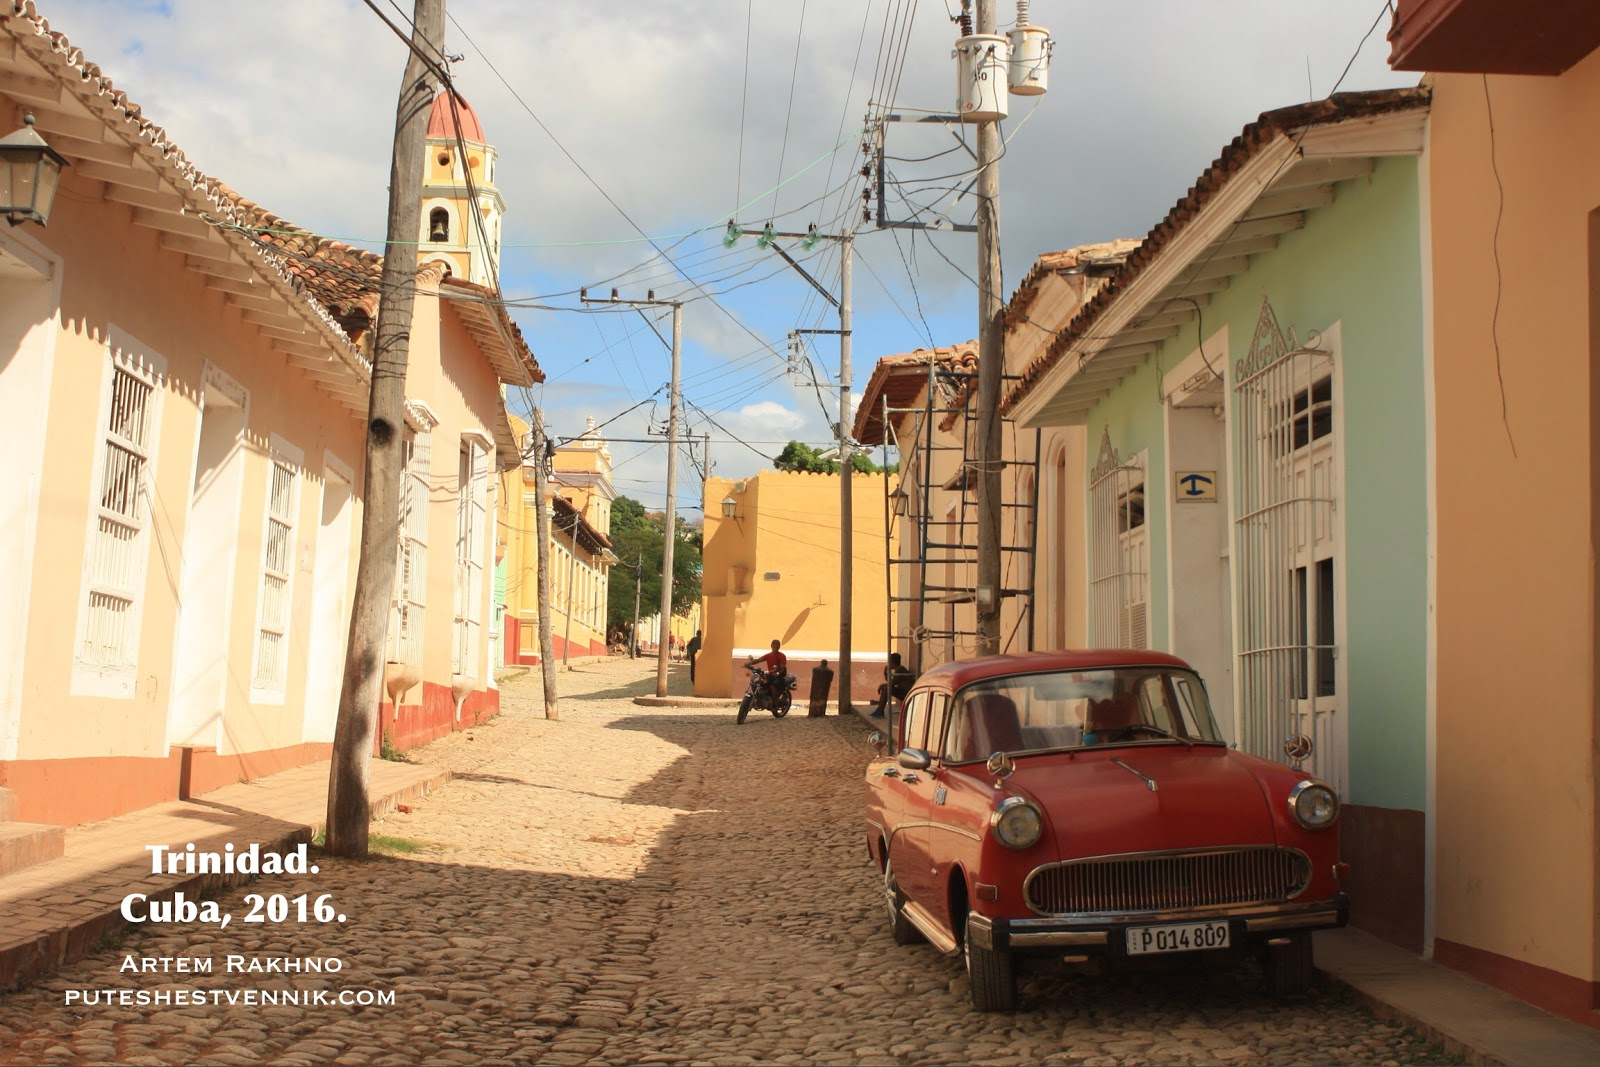 Старая машина на мостовой в кубинском городе